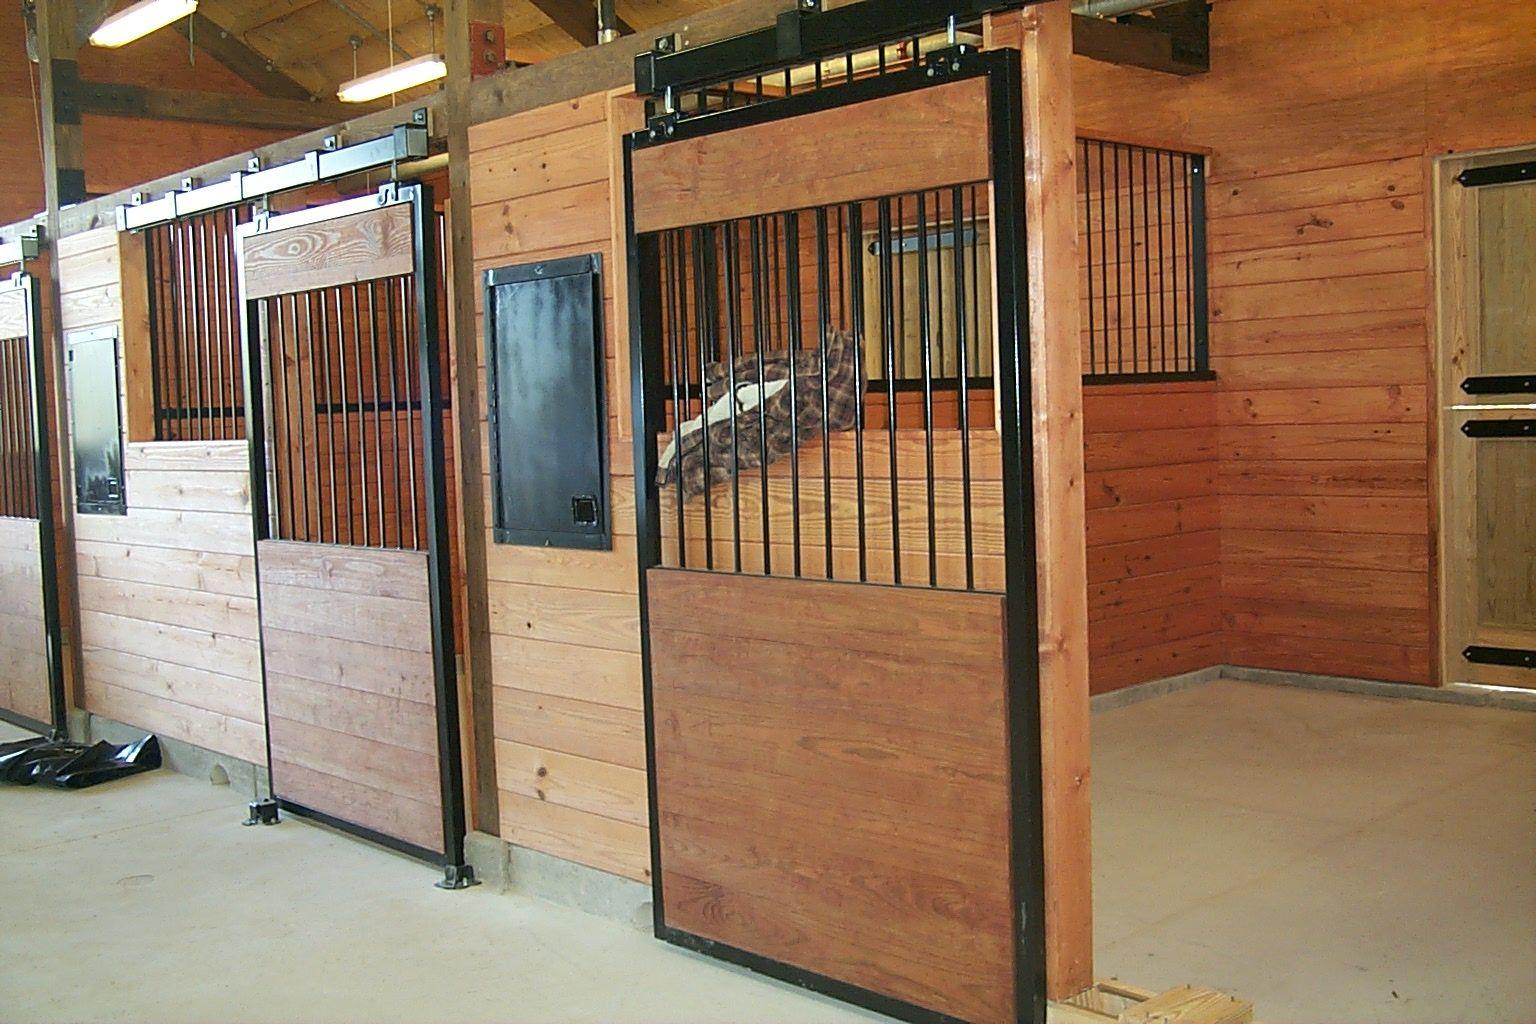 Sliding Doors For Horse Barn Dream Barn Diy Pinterest Stables